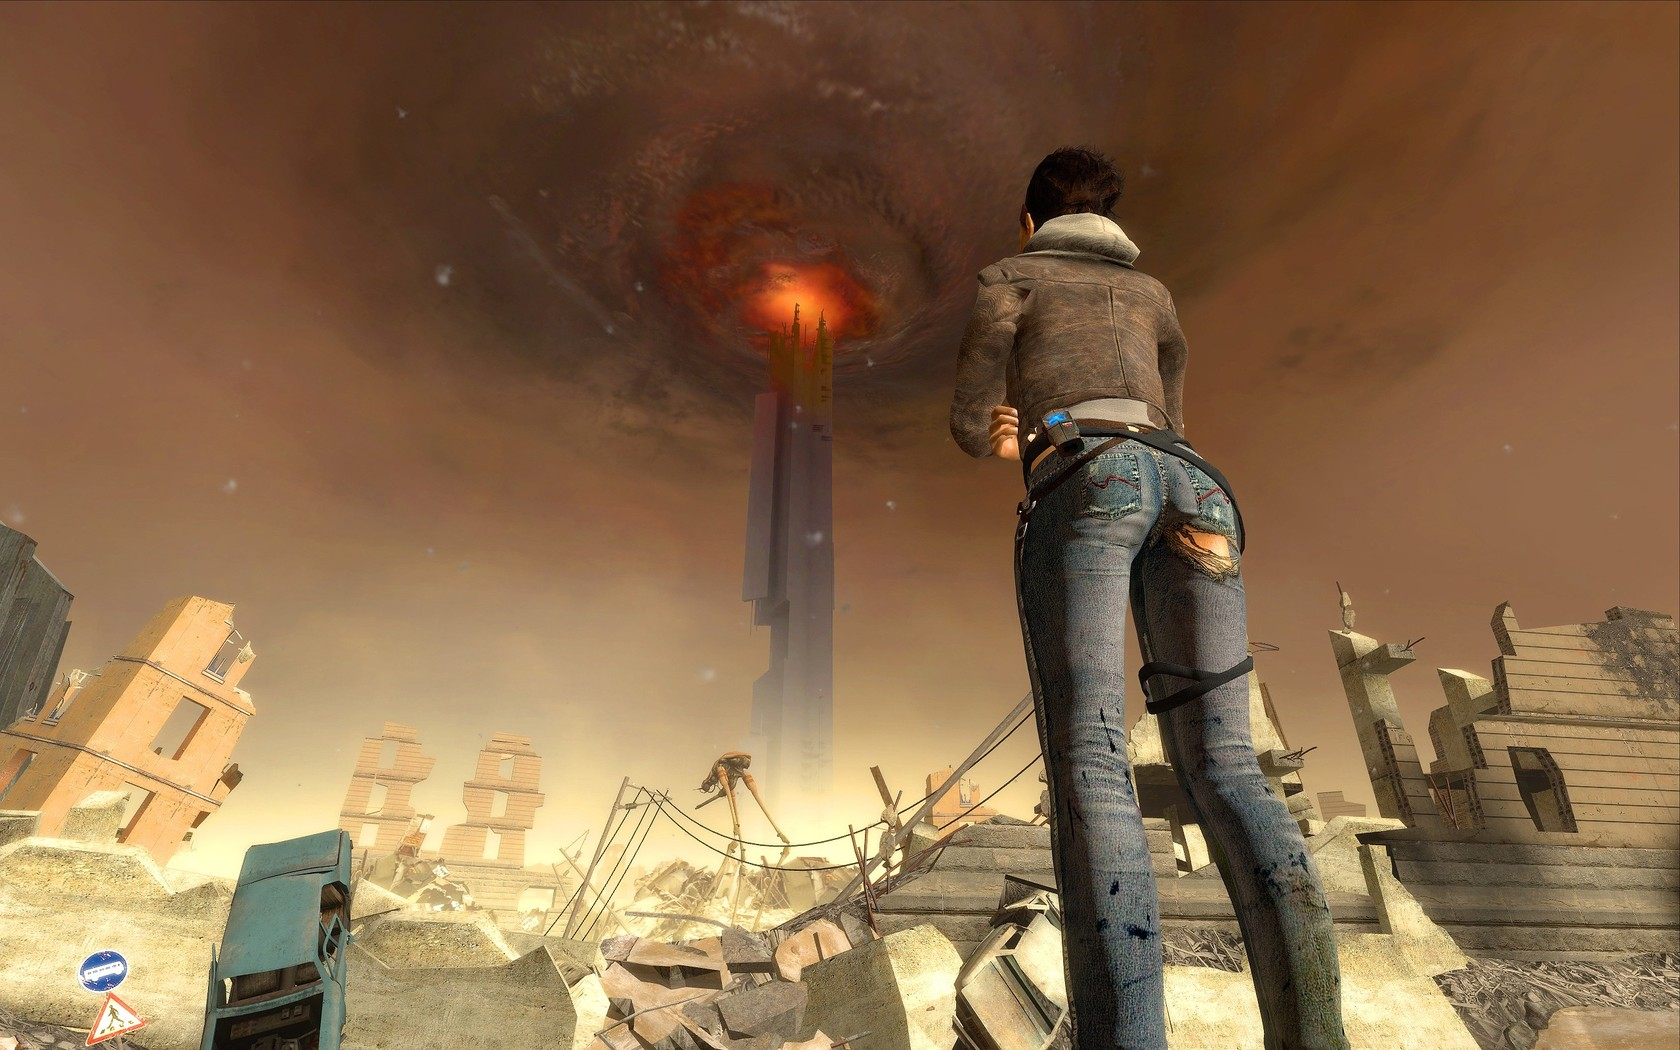 Free download Download Alyx Vance Half Life 2 wallpaper